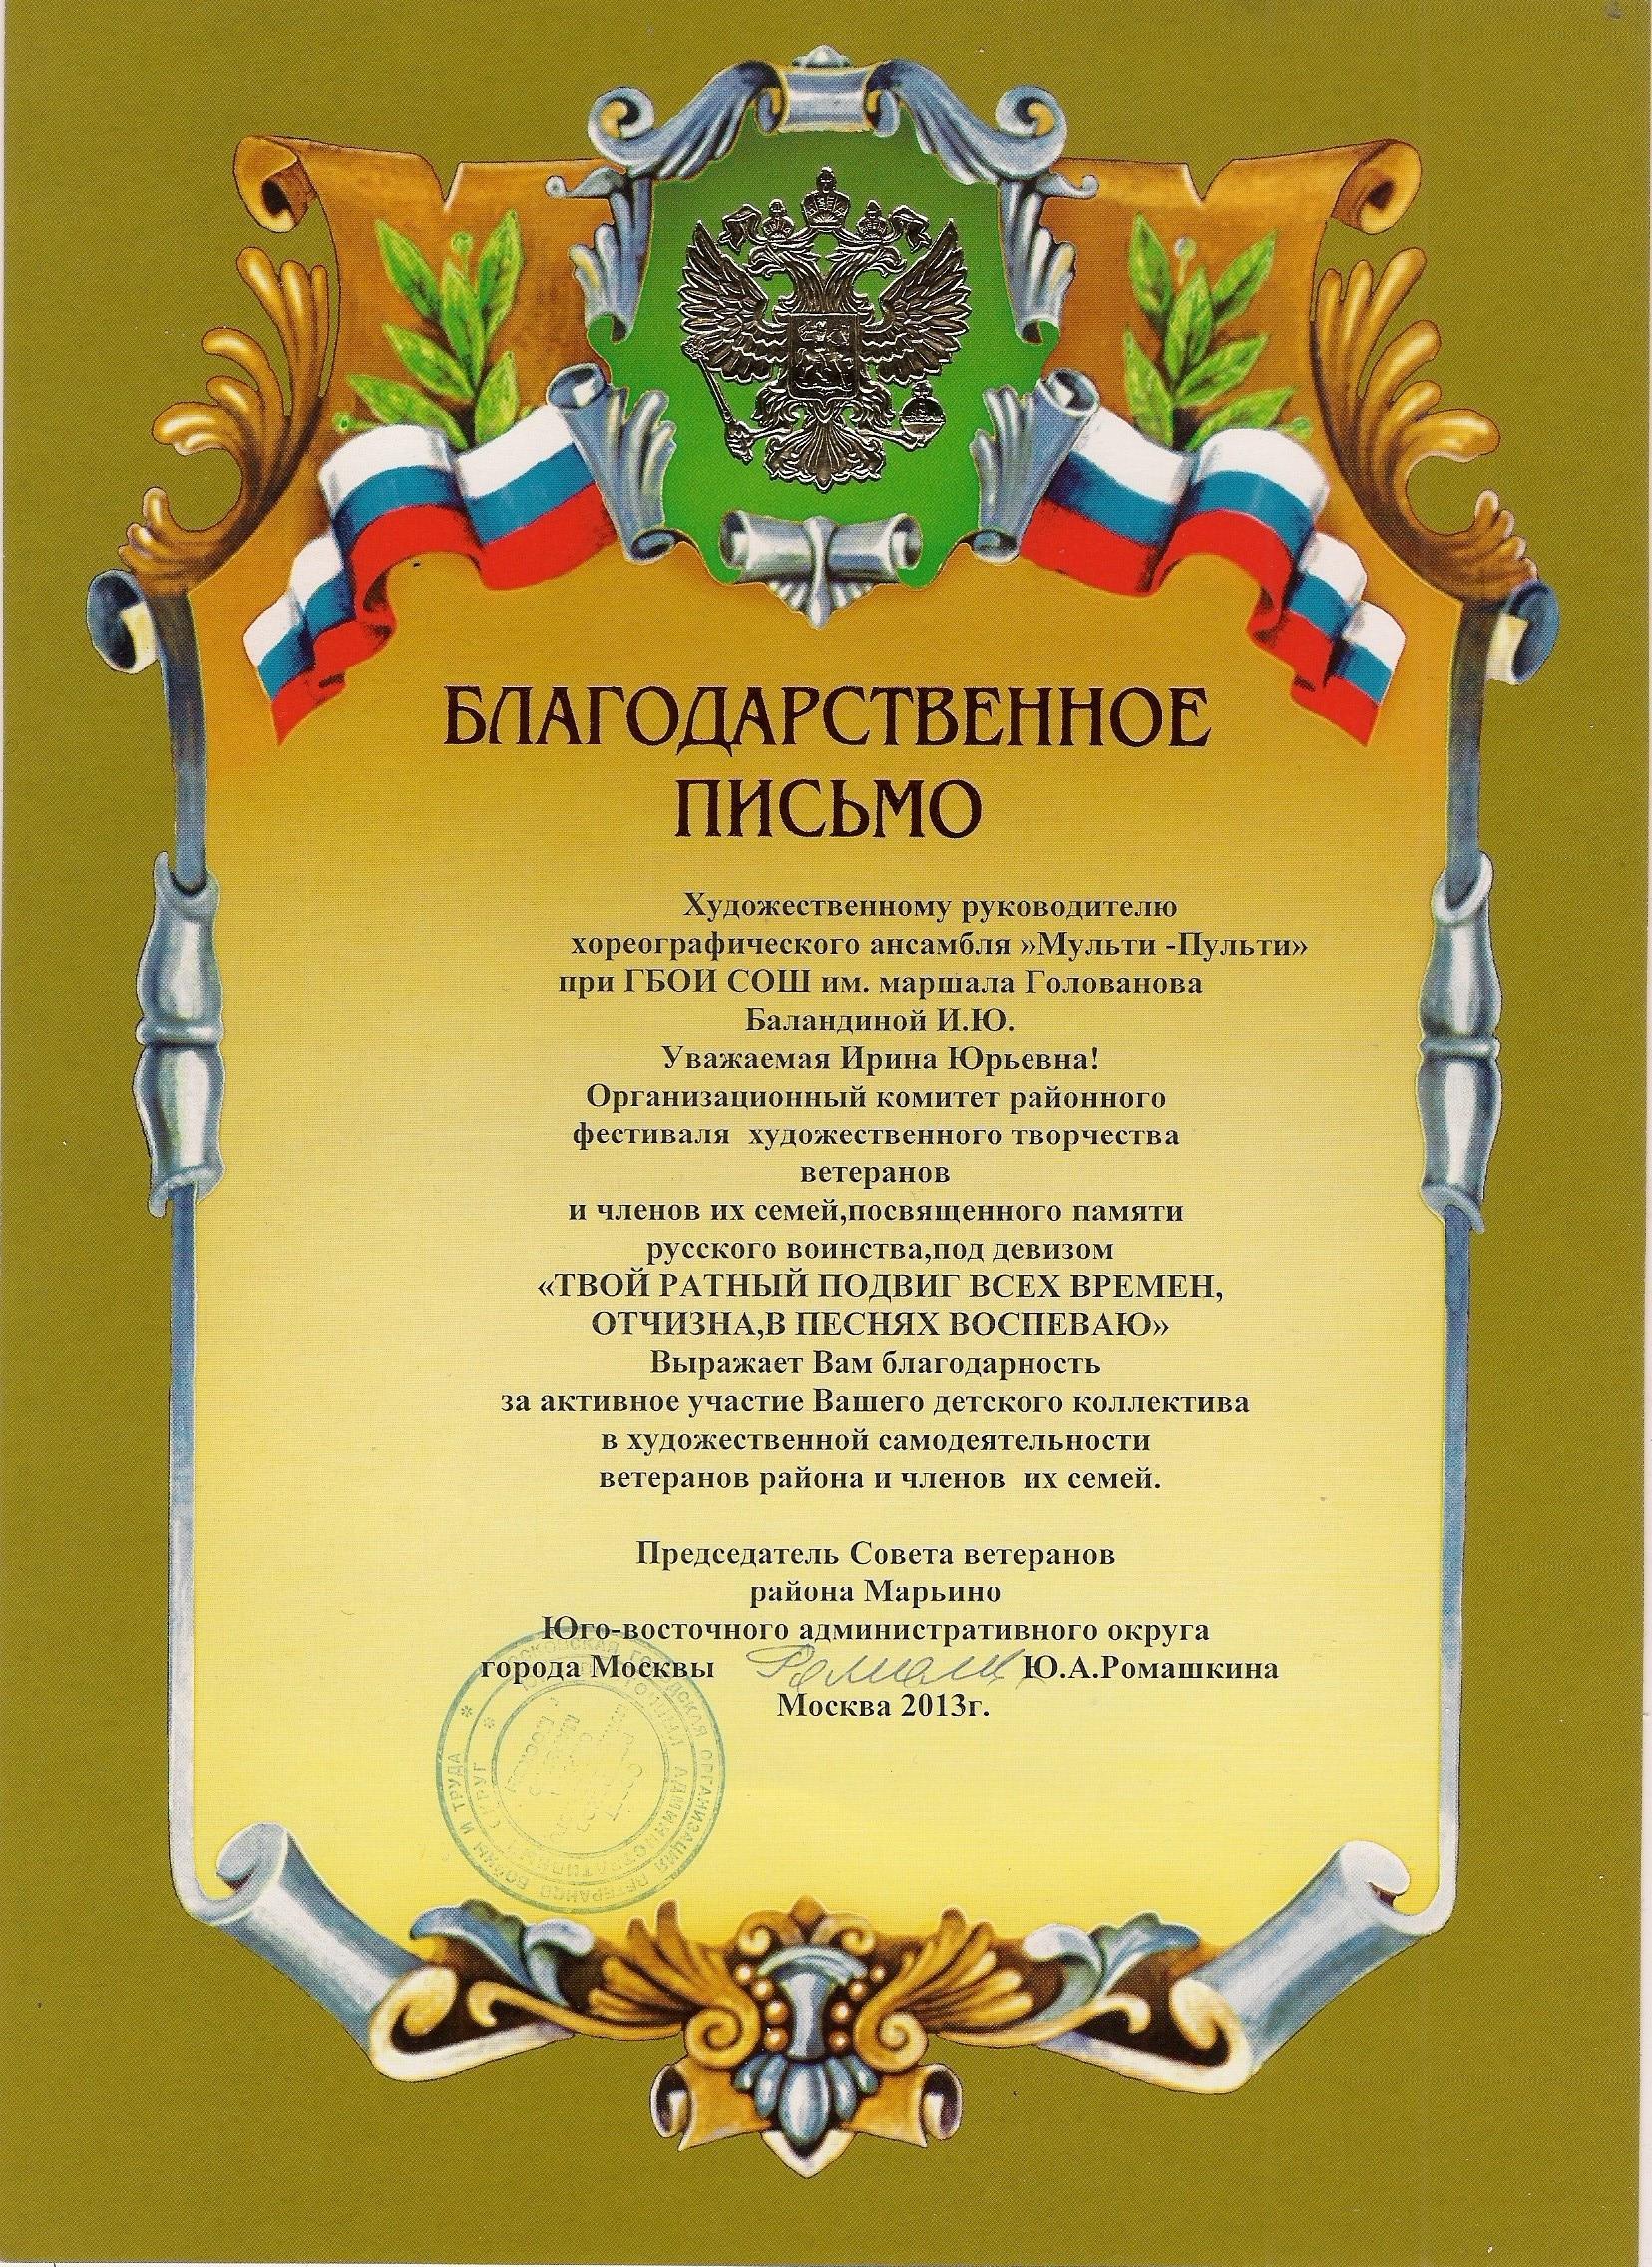 Поздравления народному коллективу с 30 летием